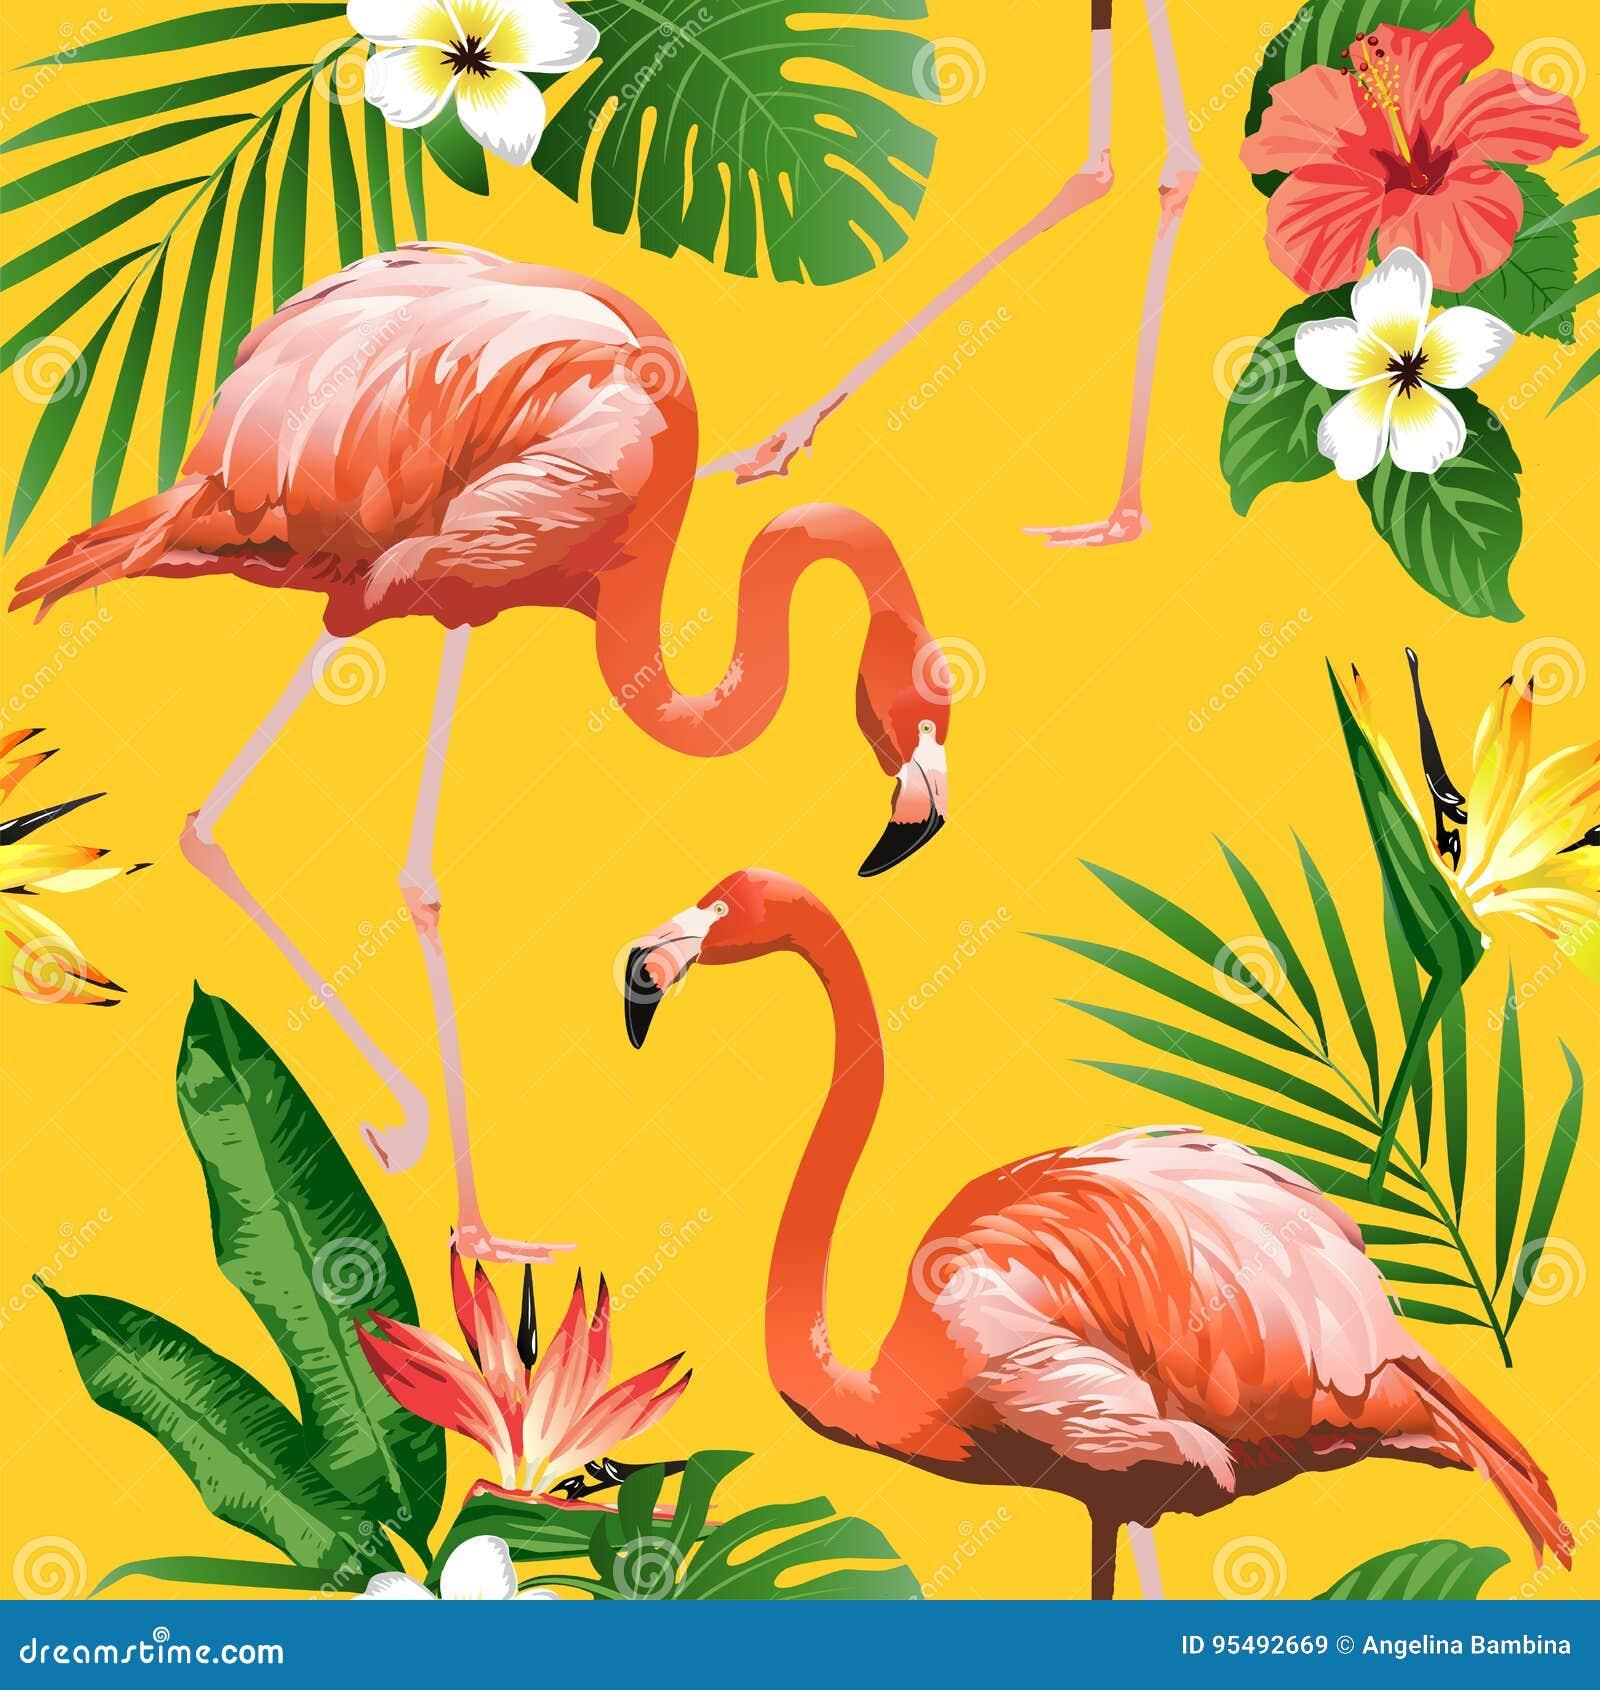 Πουλί φλαμίγκο και τροπικό υπόβαθρο λουλουδιών - άνευ ραφής σχέδιο